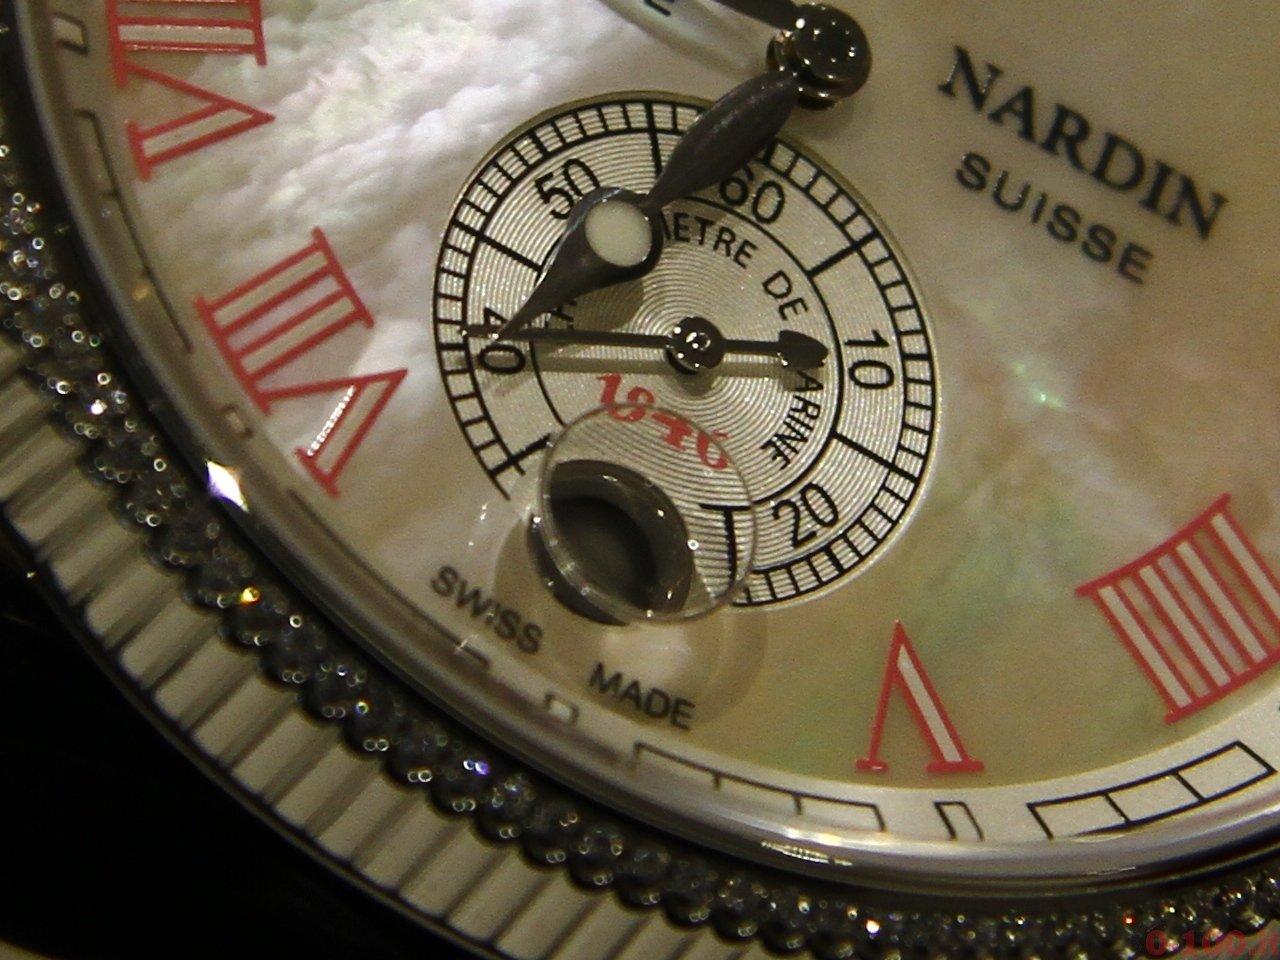 baselworld-2015-ulysse-nardin-lades-marine-chronometer-0-100_9